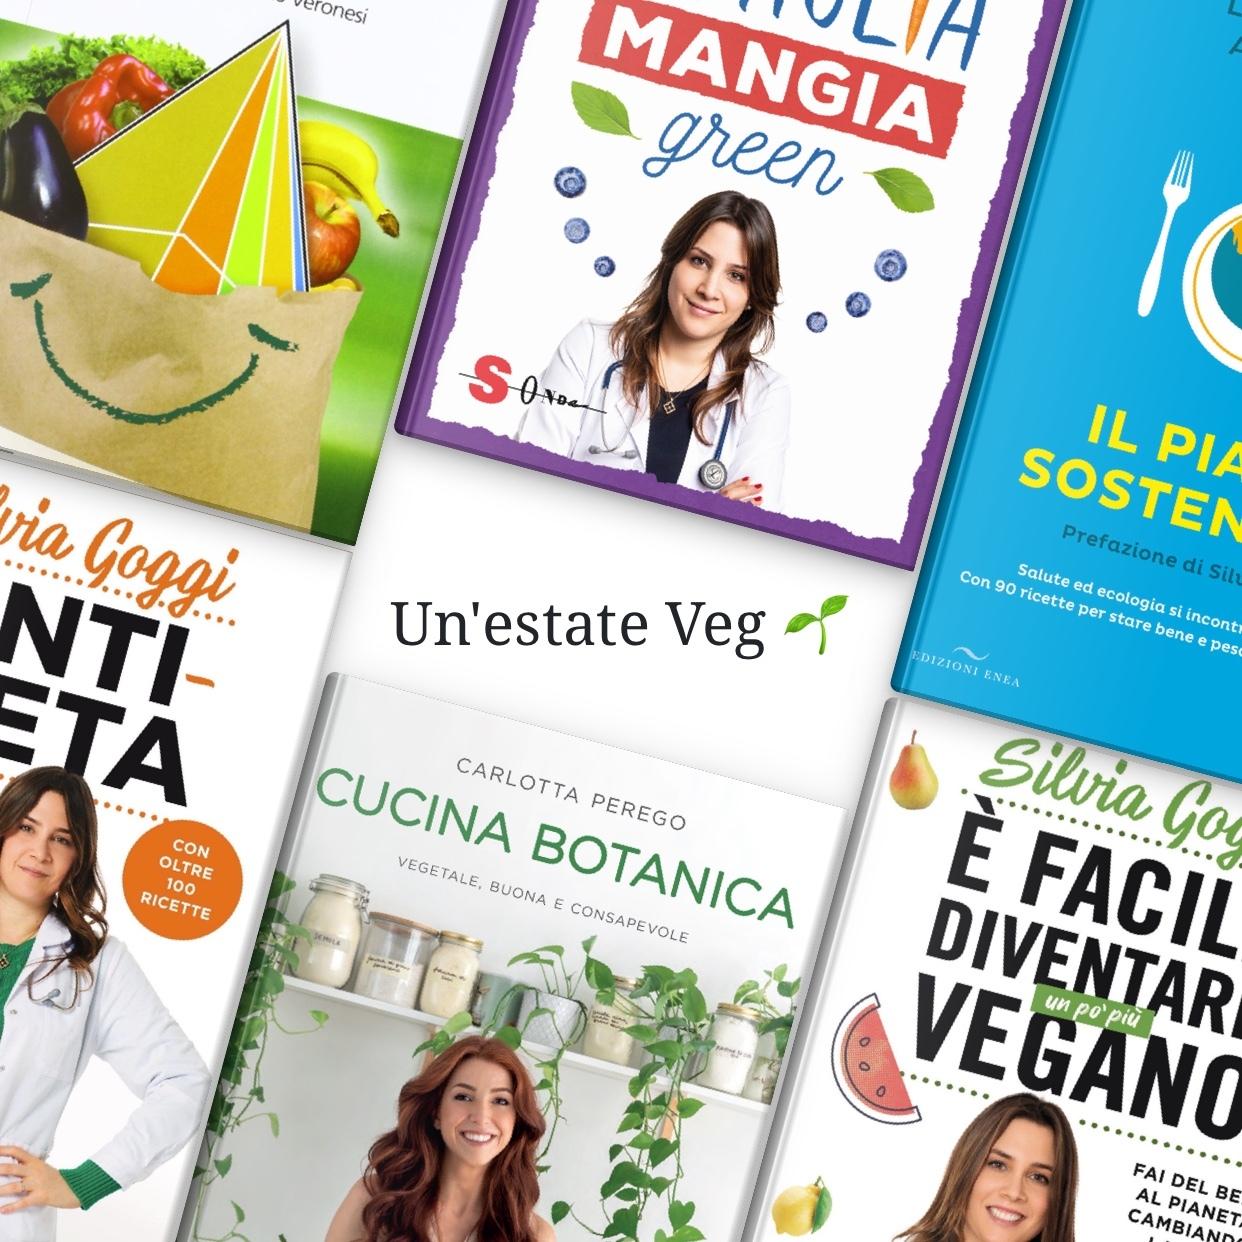 Un'estate vegana, per una dieta etica e sana